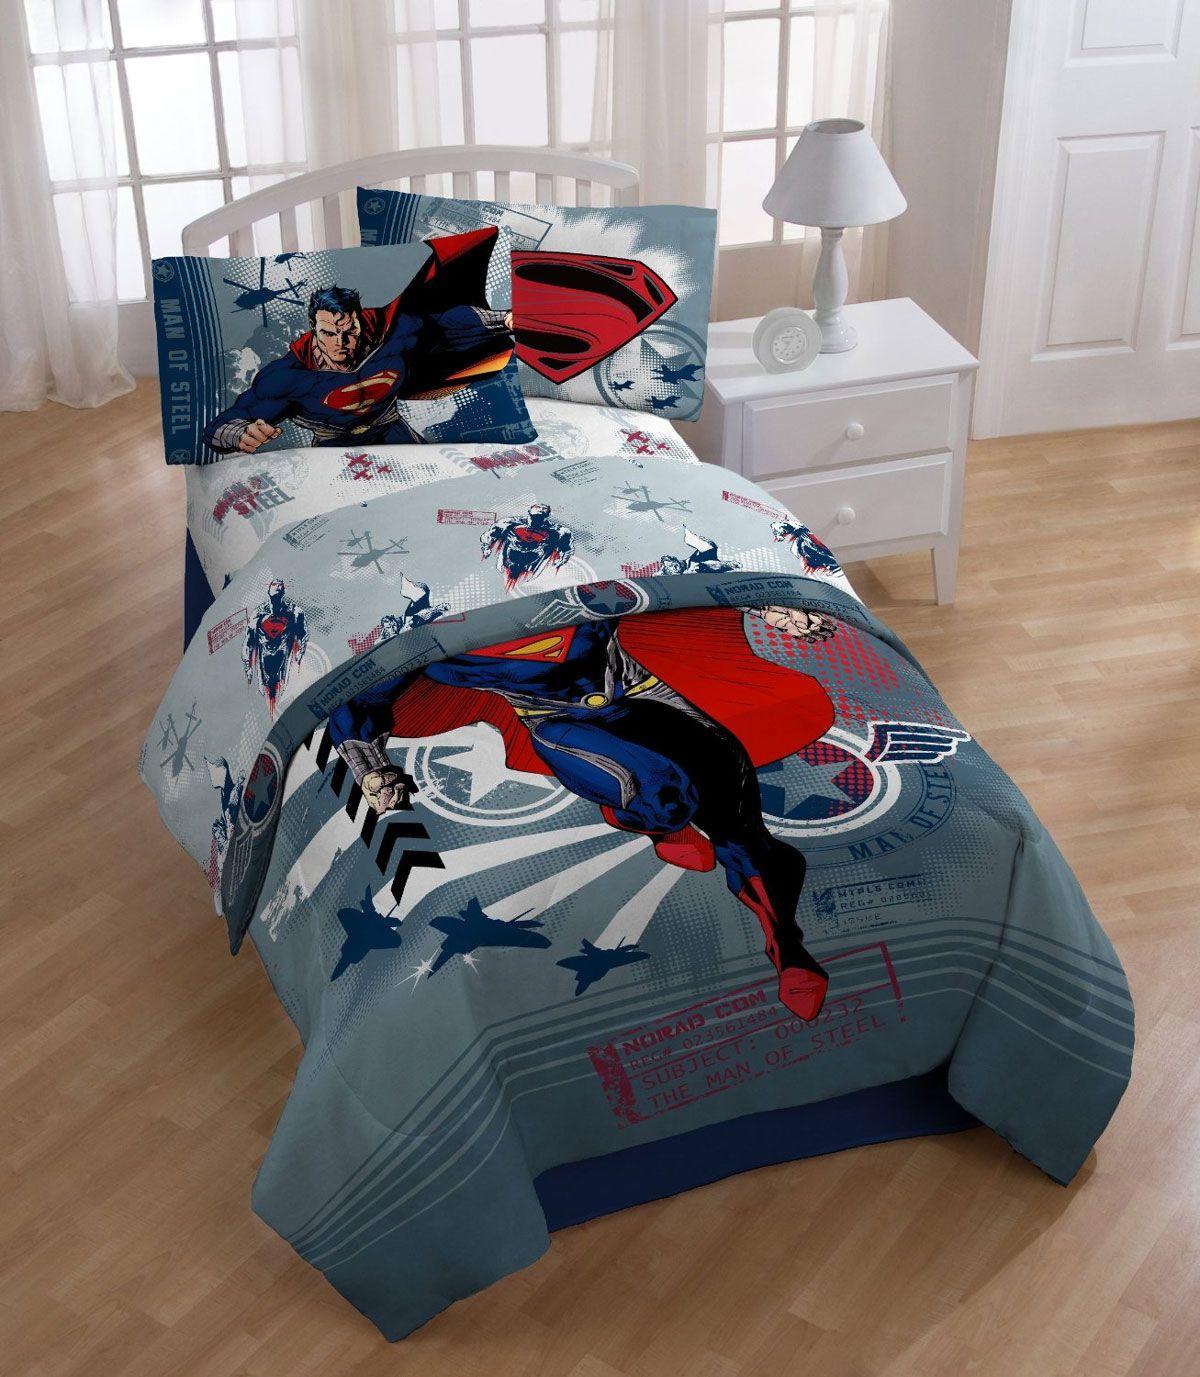 Superman Steel Man Twin Bed Sheet Set Pc Kids Super Hero - Circo comic bedding set